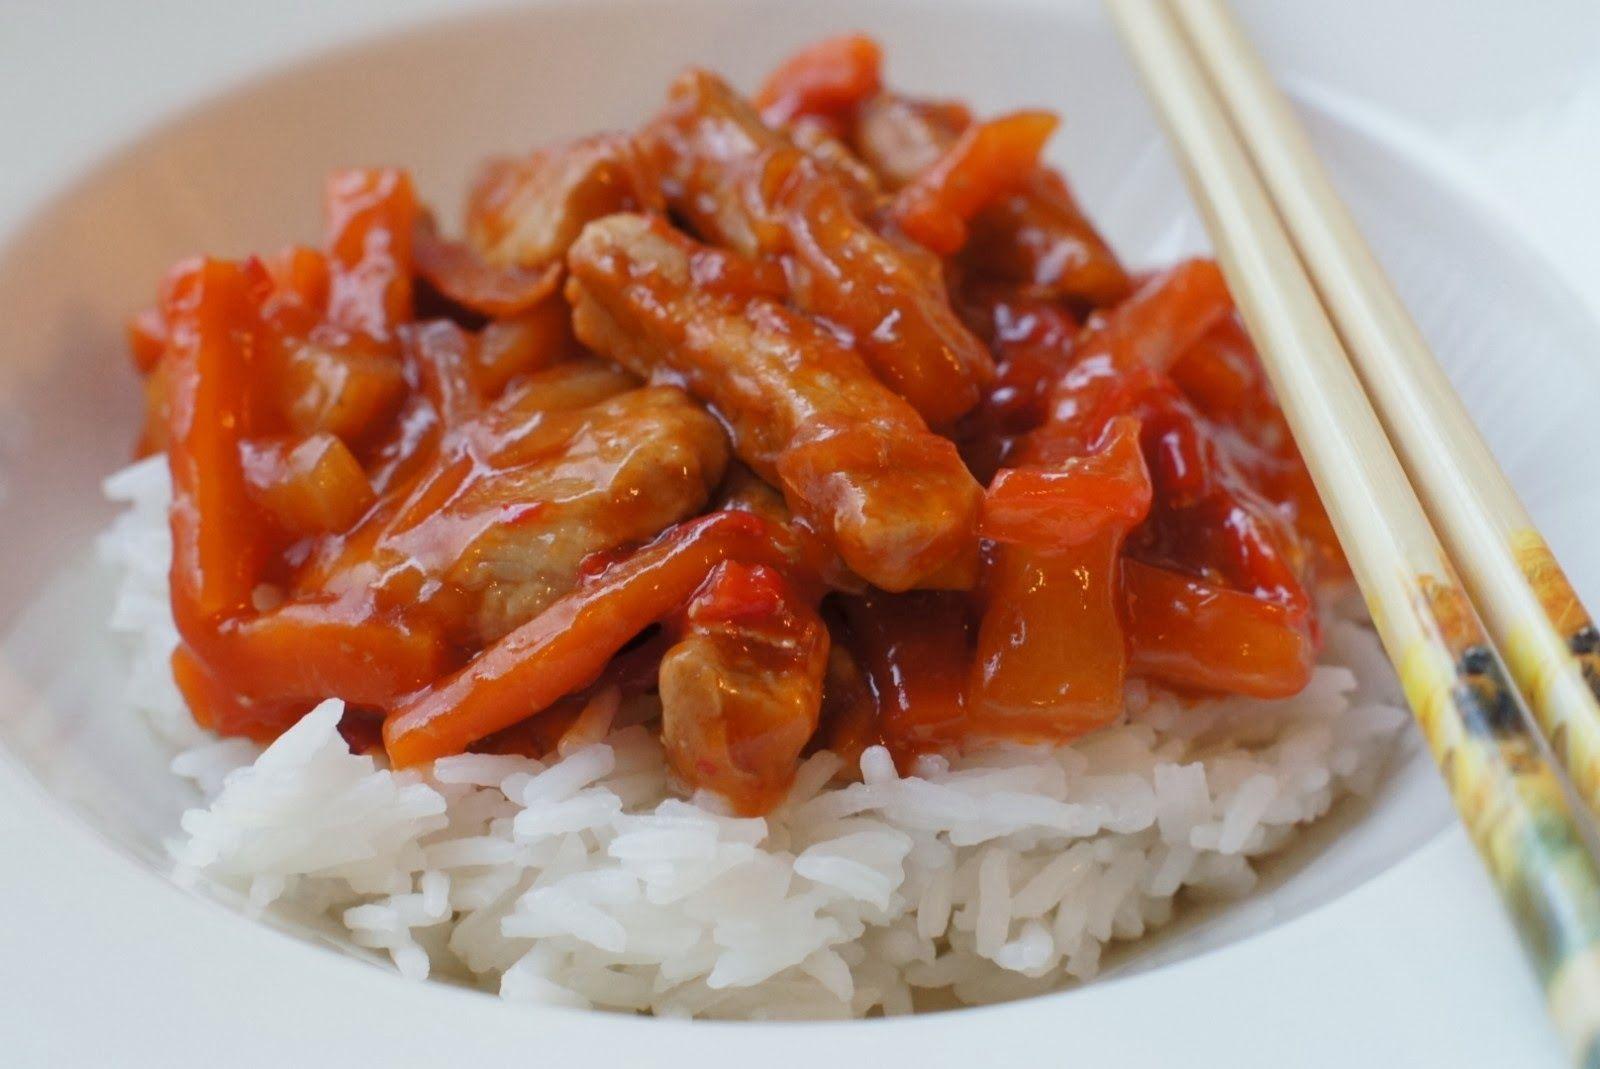 Jauhoton taikina : Hapanimelä kastike kiinalaiseen tyyliin